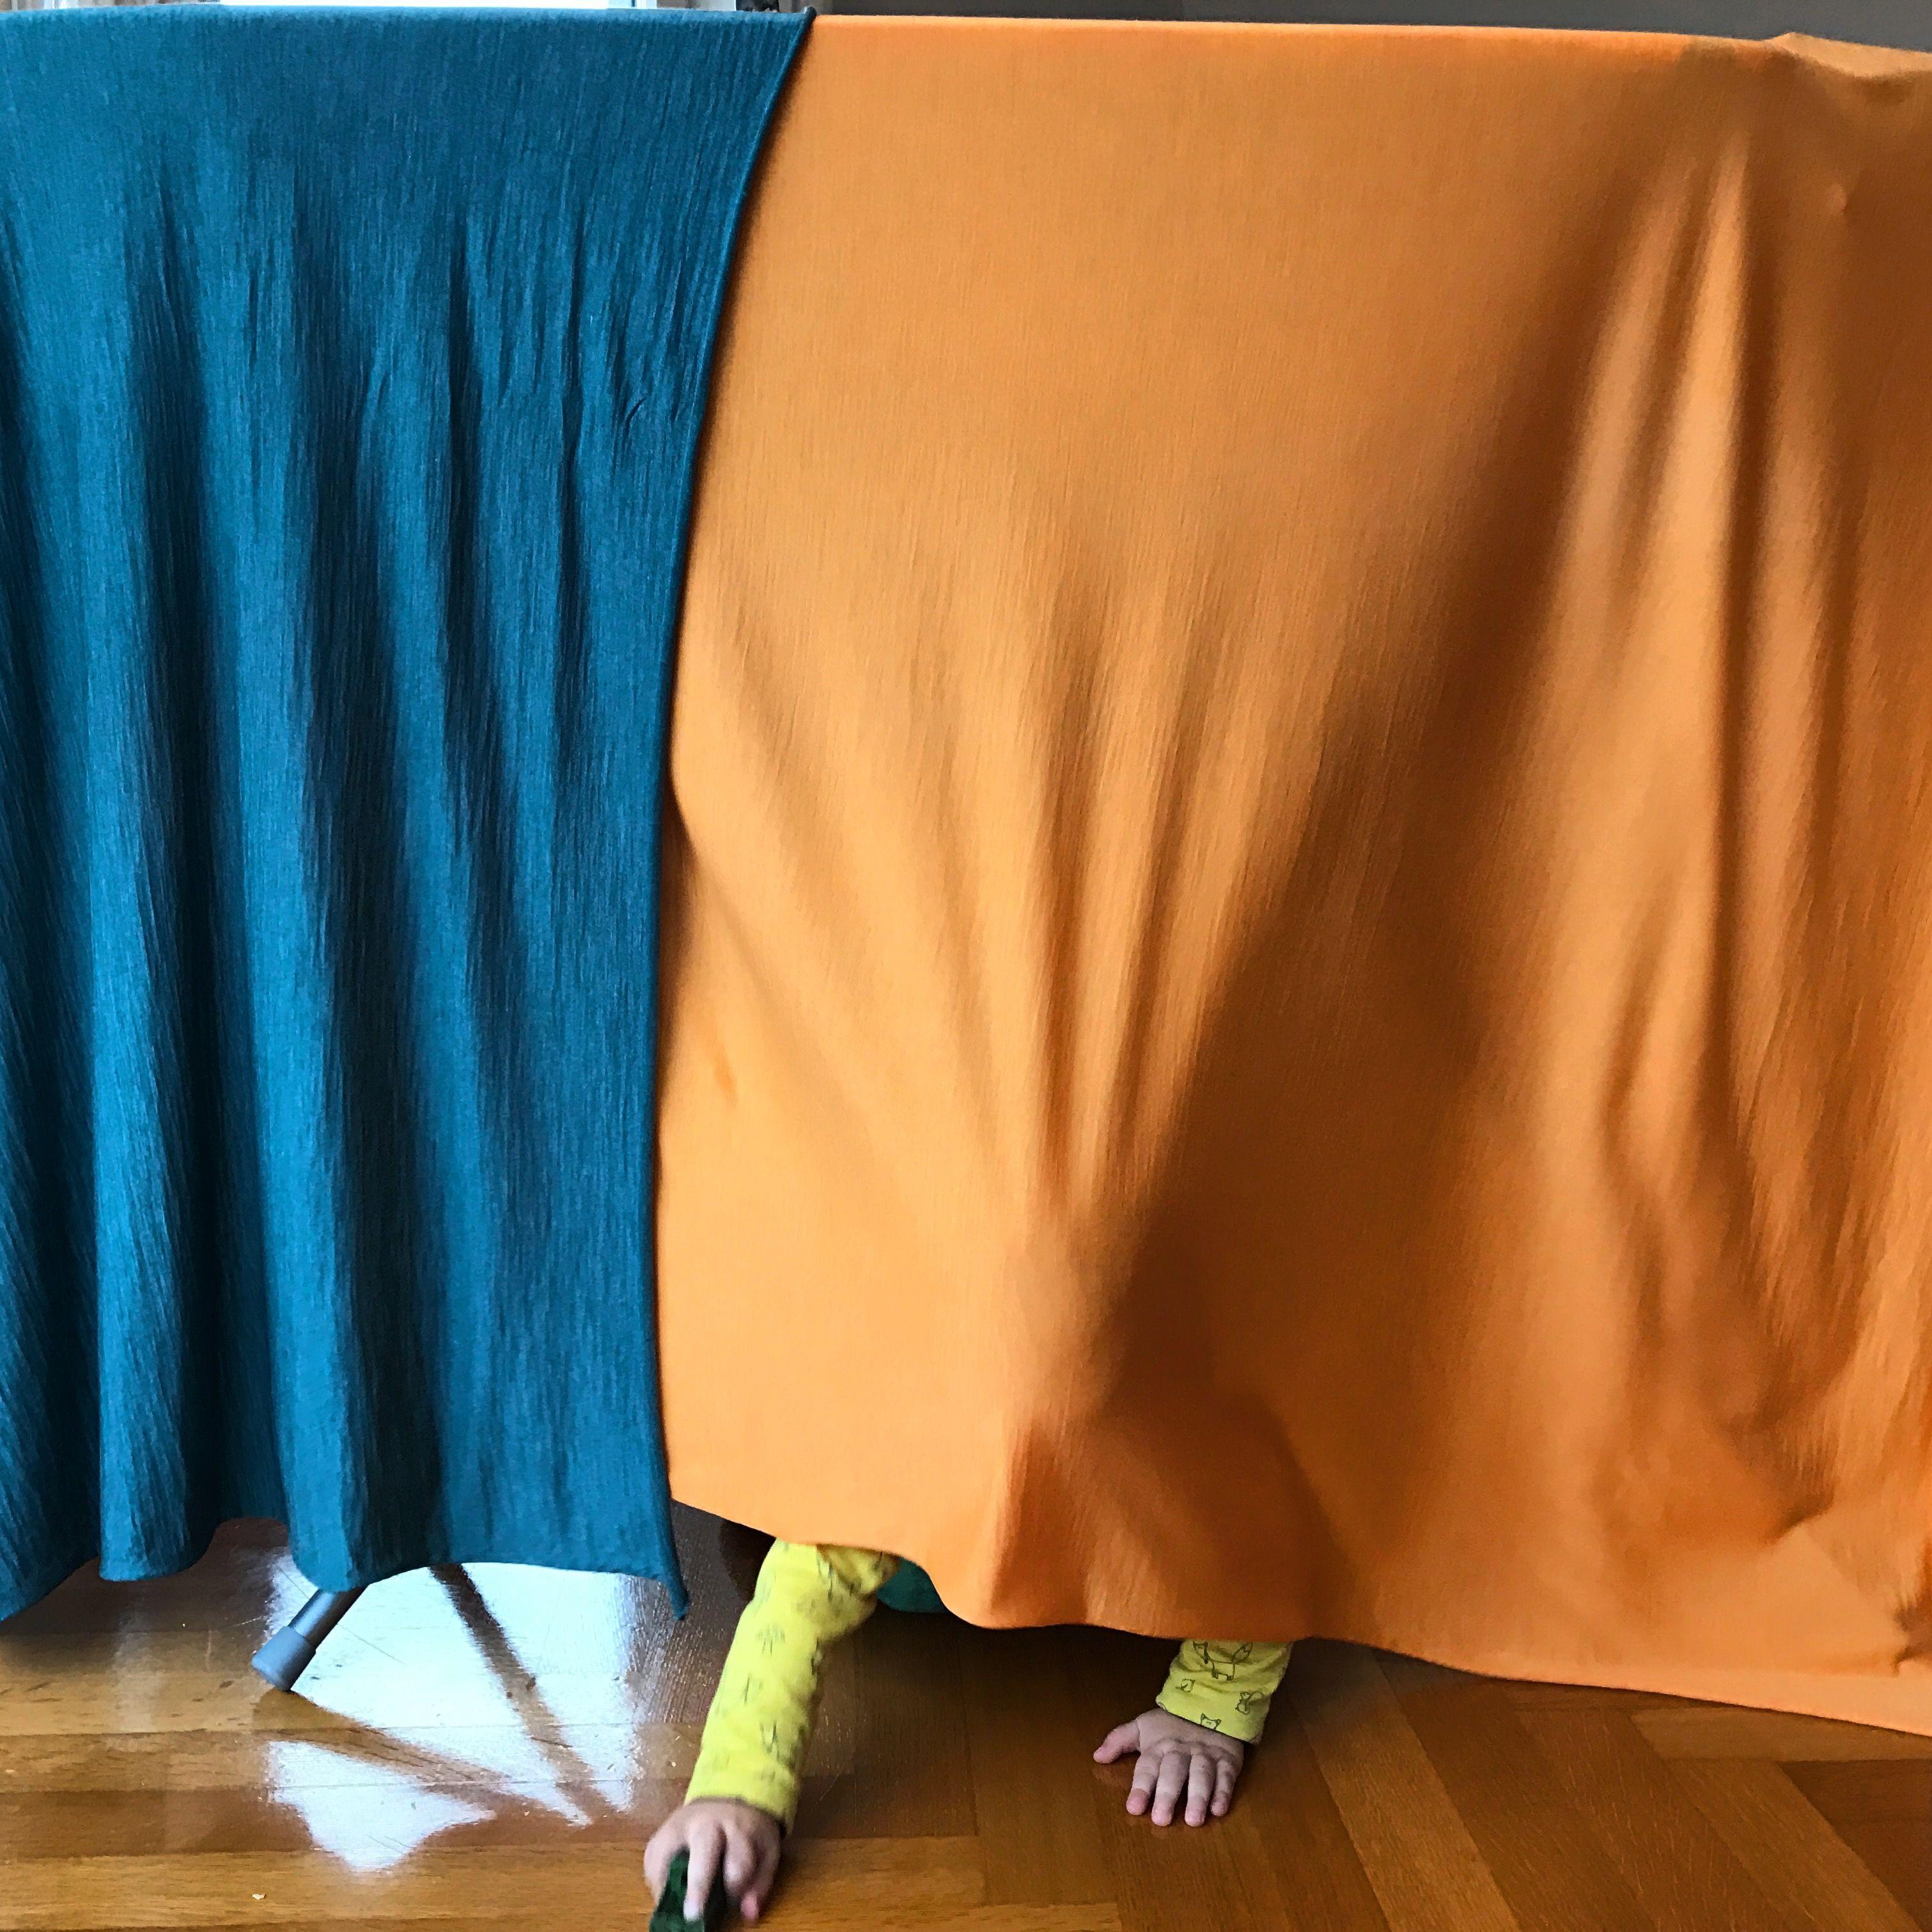 Tatatatataaaa ! Unglaubliche Stoff-Qualität - einzigarter Blend von extrafeiner Merinowolle & Tencel - 100% Natur & bio -- ein Traum von einem Stoff. Mit dieser Entwicklung starten wir Glückskind #petrol #orange #merino #wool #tencel #bio #wollbody #baby #fashion #Saturday #startup #happy #excited